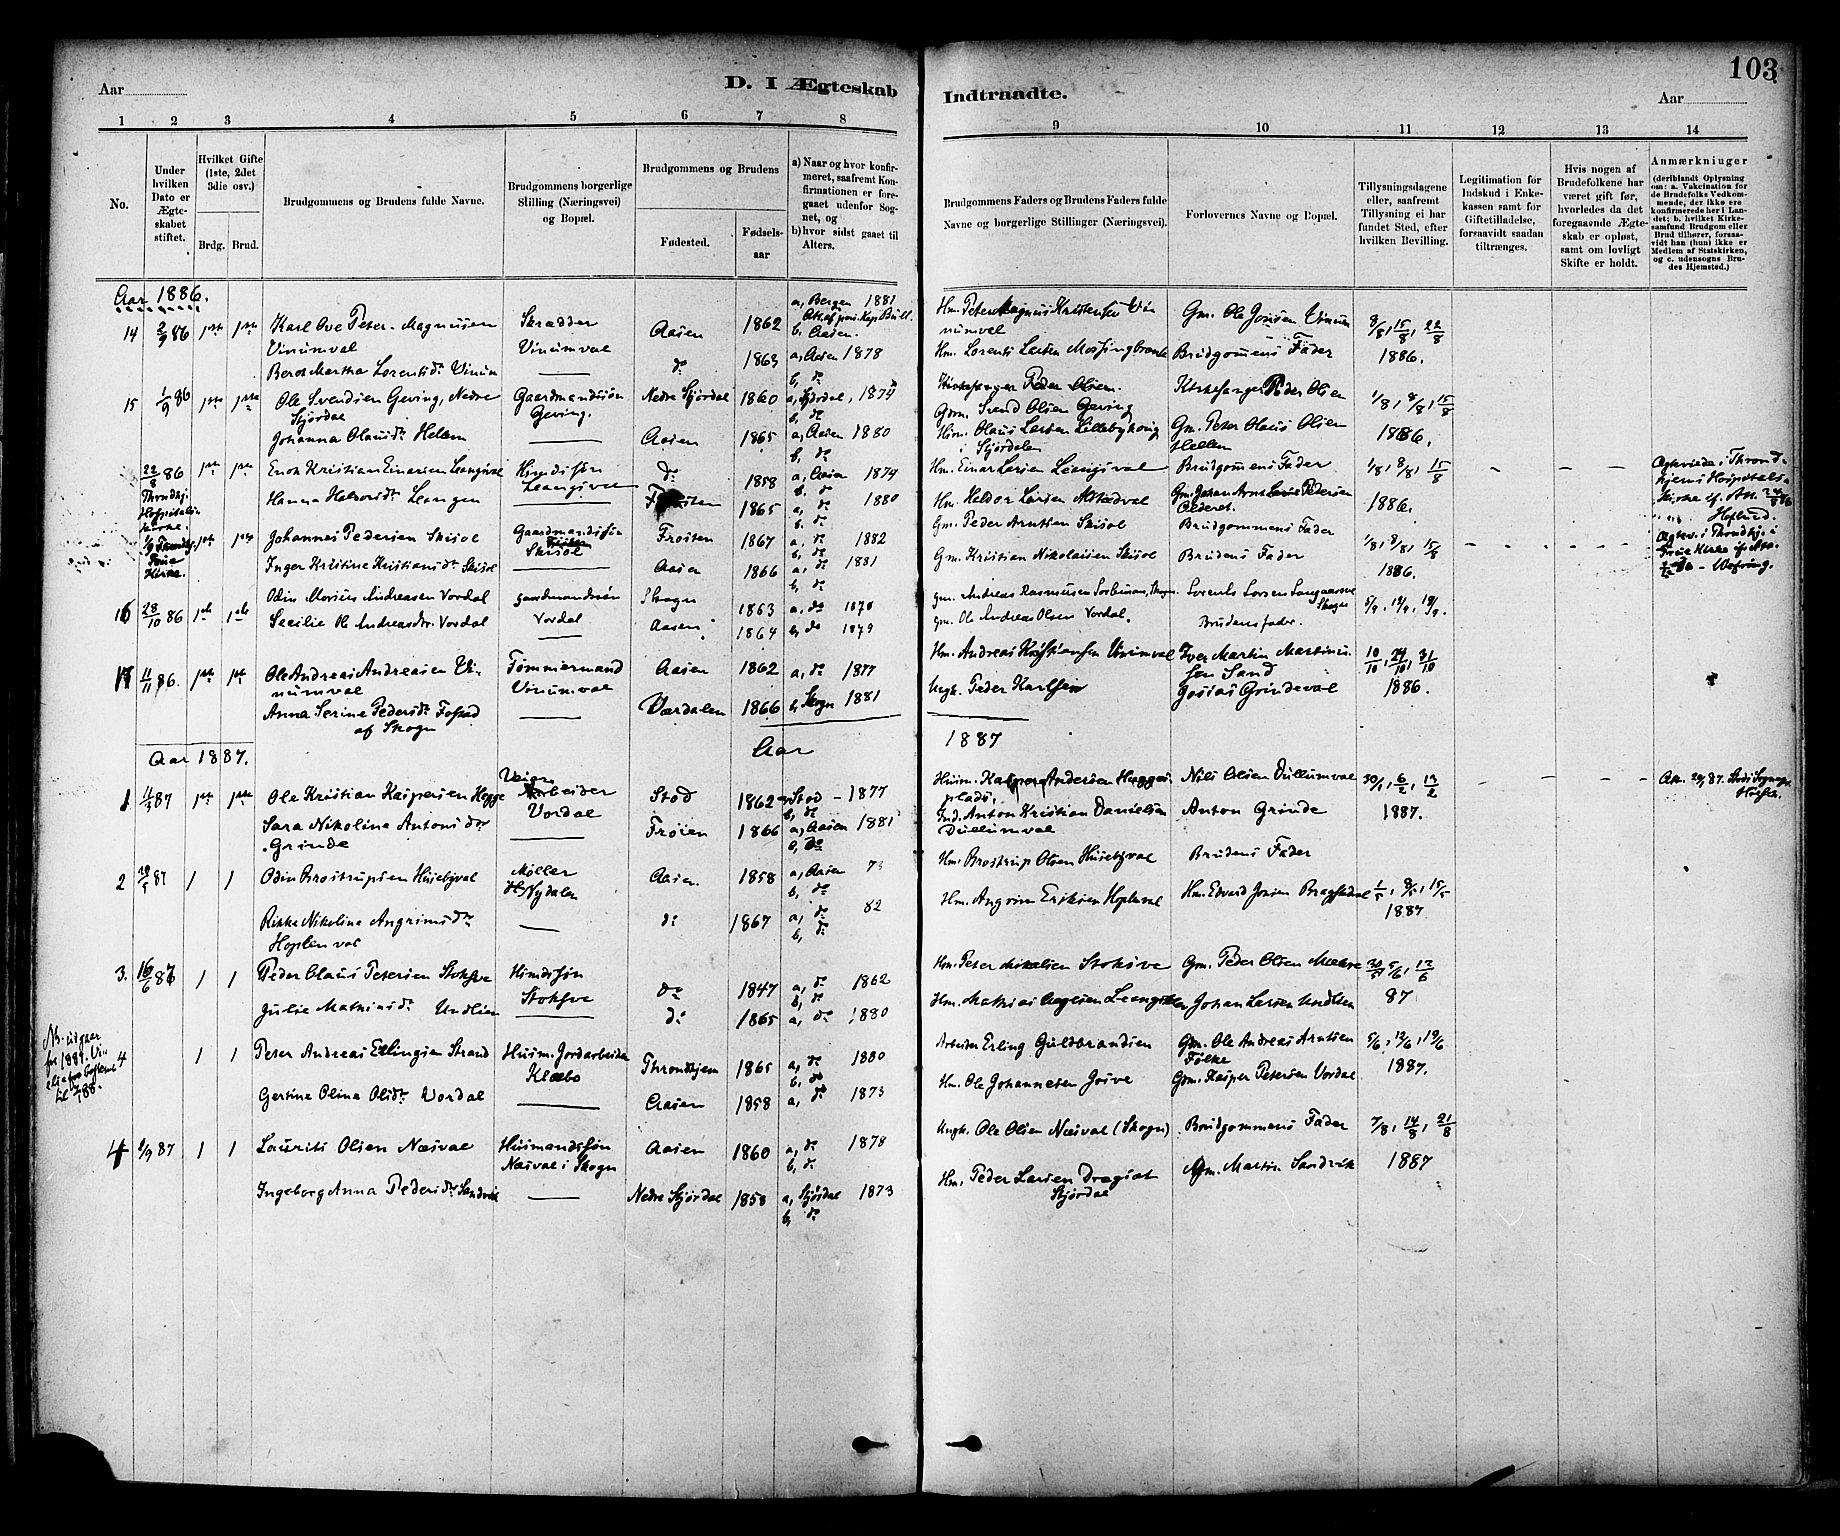 SAT, Ministerialprotokoller, klokkerbøker og fødselsregistre - Nord-Trøndelag, 714/L0130: Ministerialbok nr. 714A01, 1878-1895, s. 103